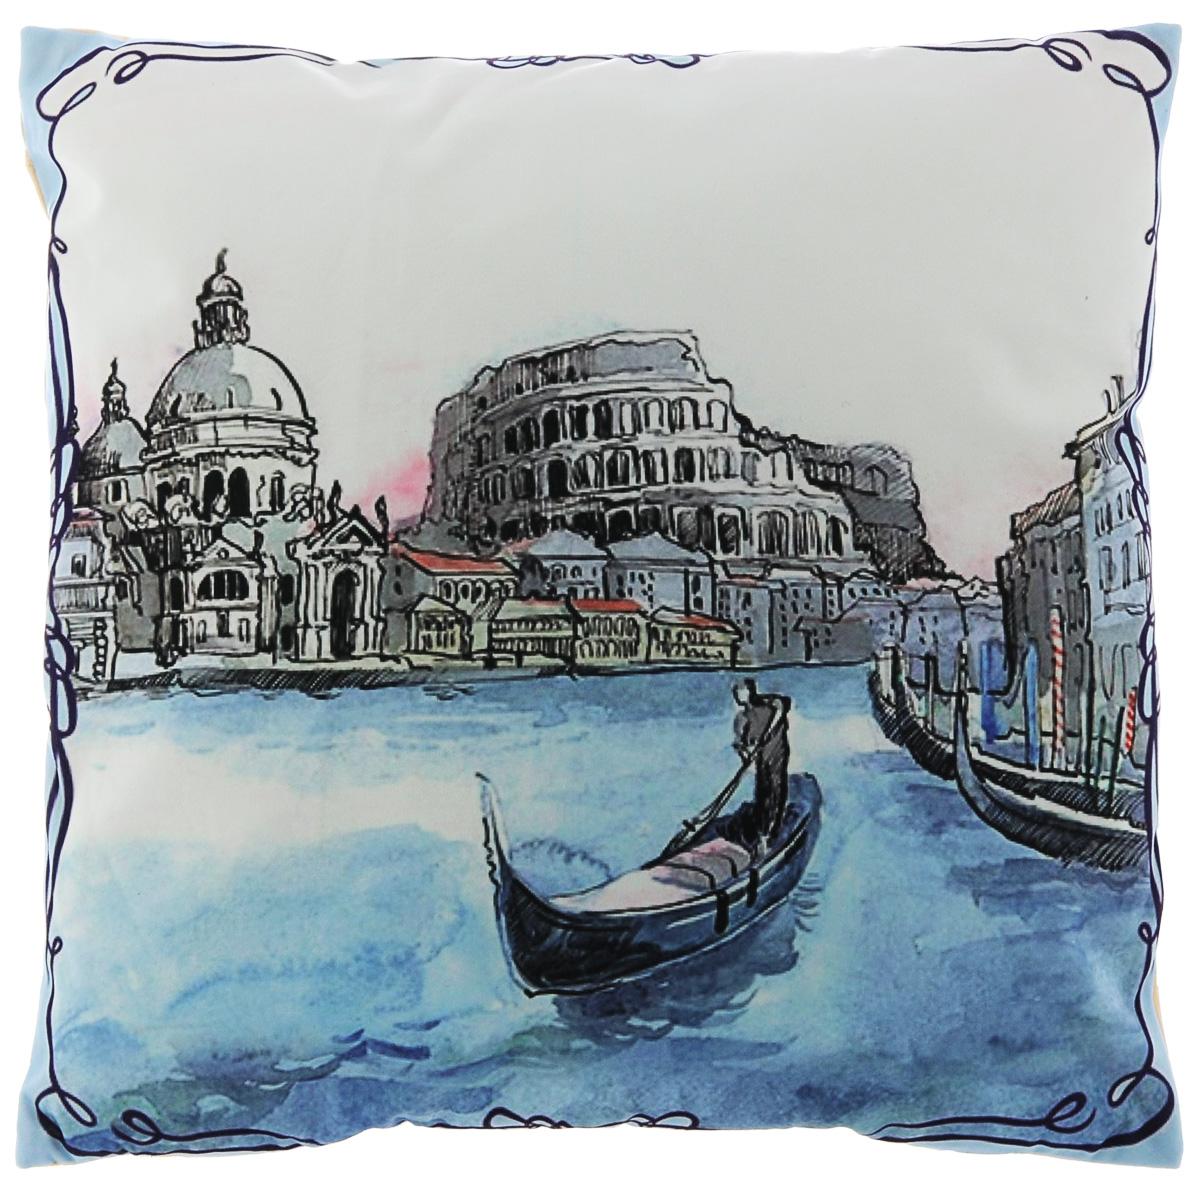 Подушка декоративная Феникс-презент Венеция, 45 х 45 см37393Декоративная подушка Феникс-презент Венеция прекрасно дополнит интерьер спальни или гостиной. Чехол подушки выполнен из полиэстера. Лицевая сторона украшена фотопечатью с изображением венецианского канала. Оборотная сторона - бежевого цвета. Внутри - мягкий наполнитель из синтетического хлопка. Чехол легко снимается благодаря потайной молнии. Красивая подушка создаст атмосферу уюта в доме и станет прекрасным элементом декора.